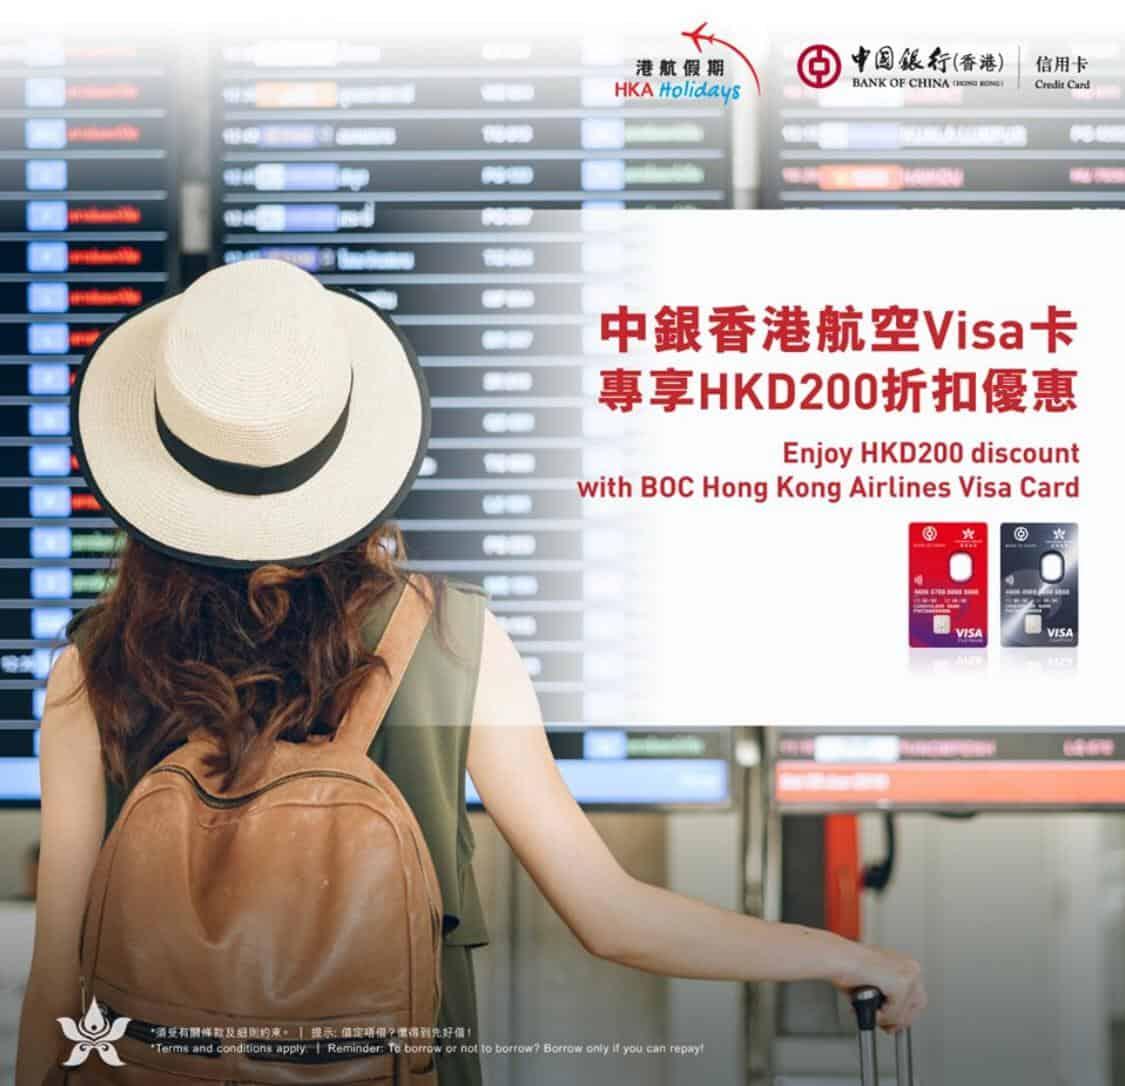 中銀信用卡 港航假期買 5000 減 200 優惠碼 Points852